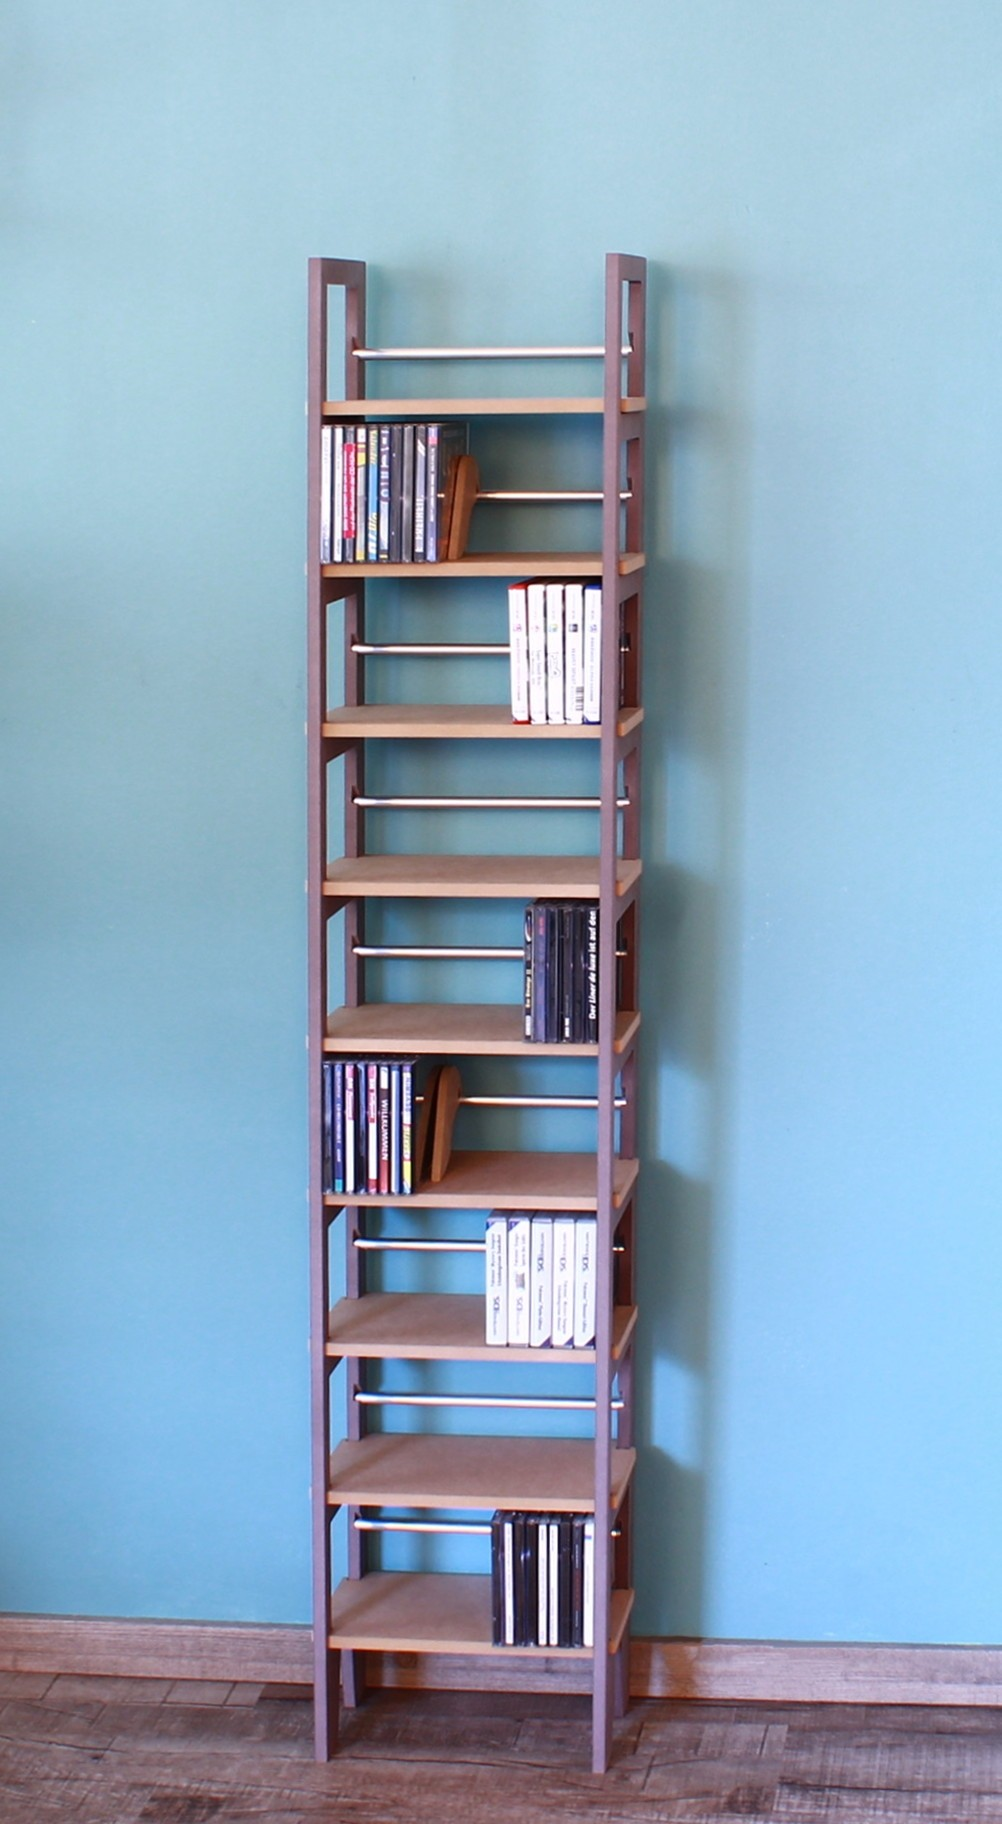 cd st nder aus holz mdf f r mehr als 200 cds. Black Bedroom Furniture Sets. Home Design Ideas